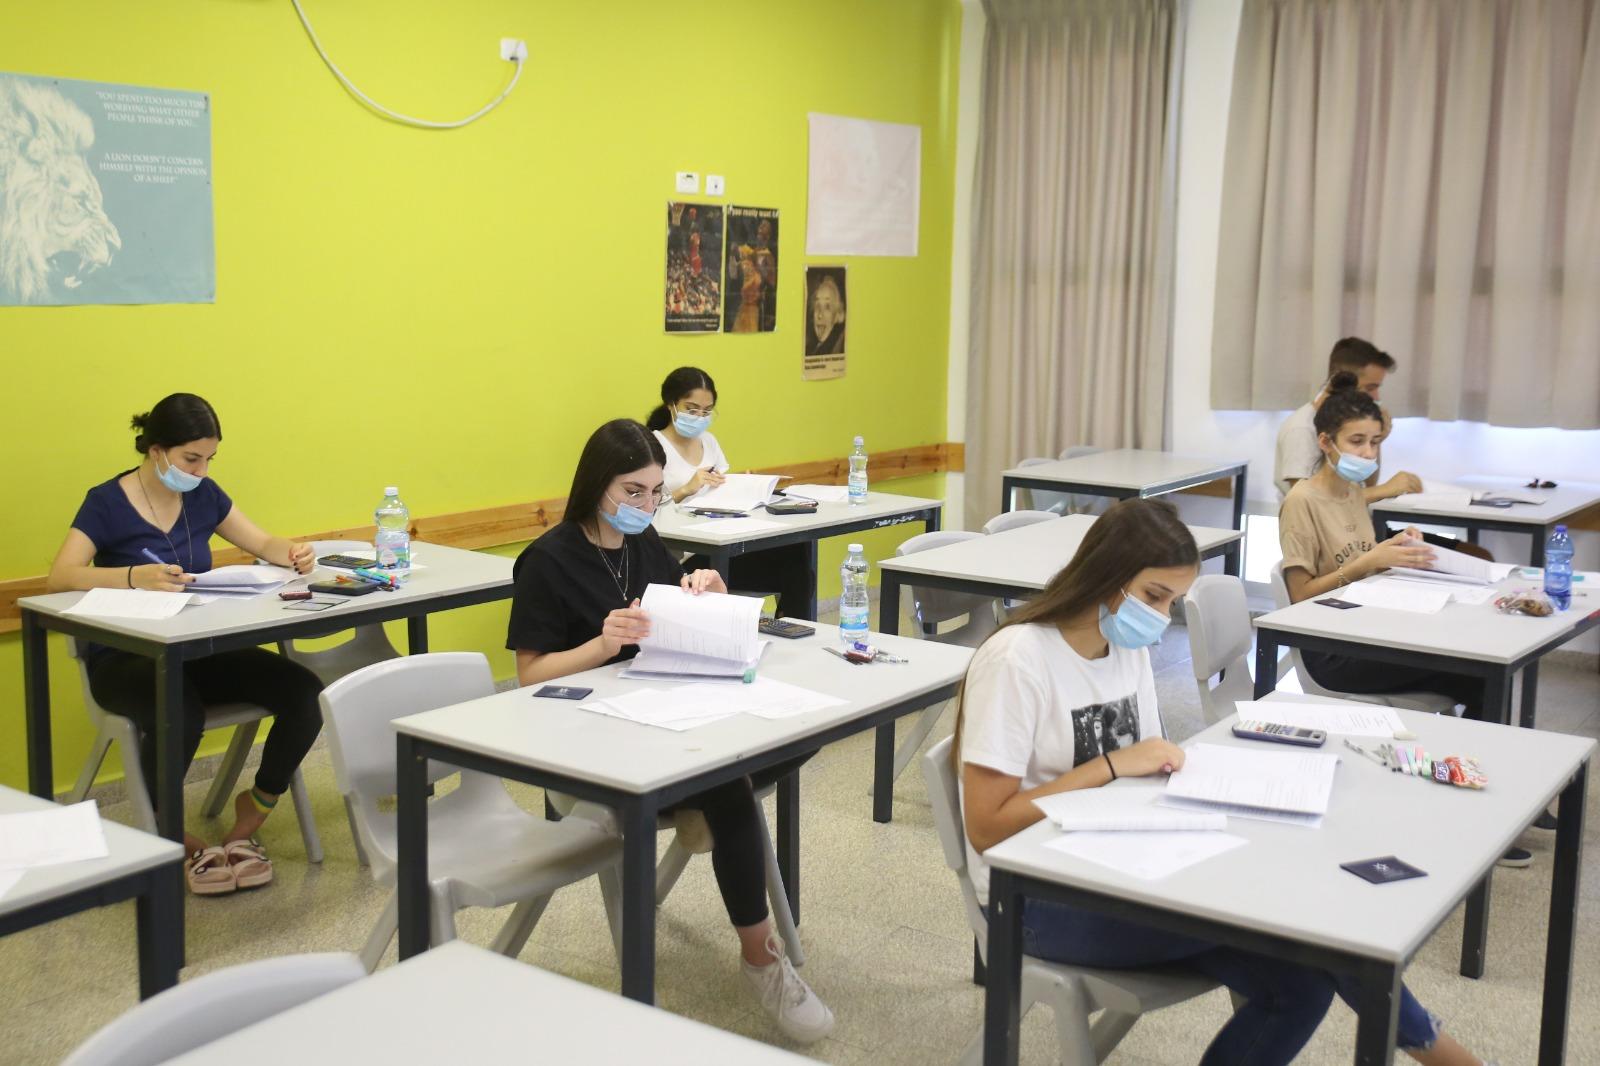 מערכת החינוך בעפולה שומרת על מקומה במקום הראשון בזכאות לבגרות